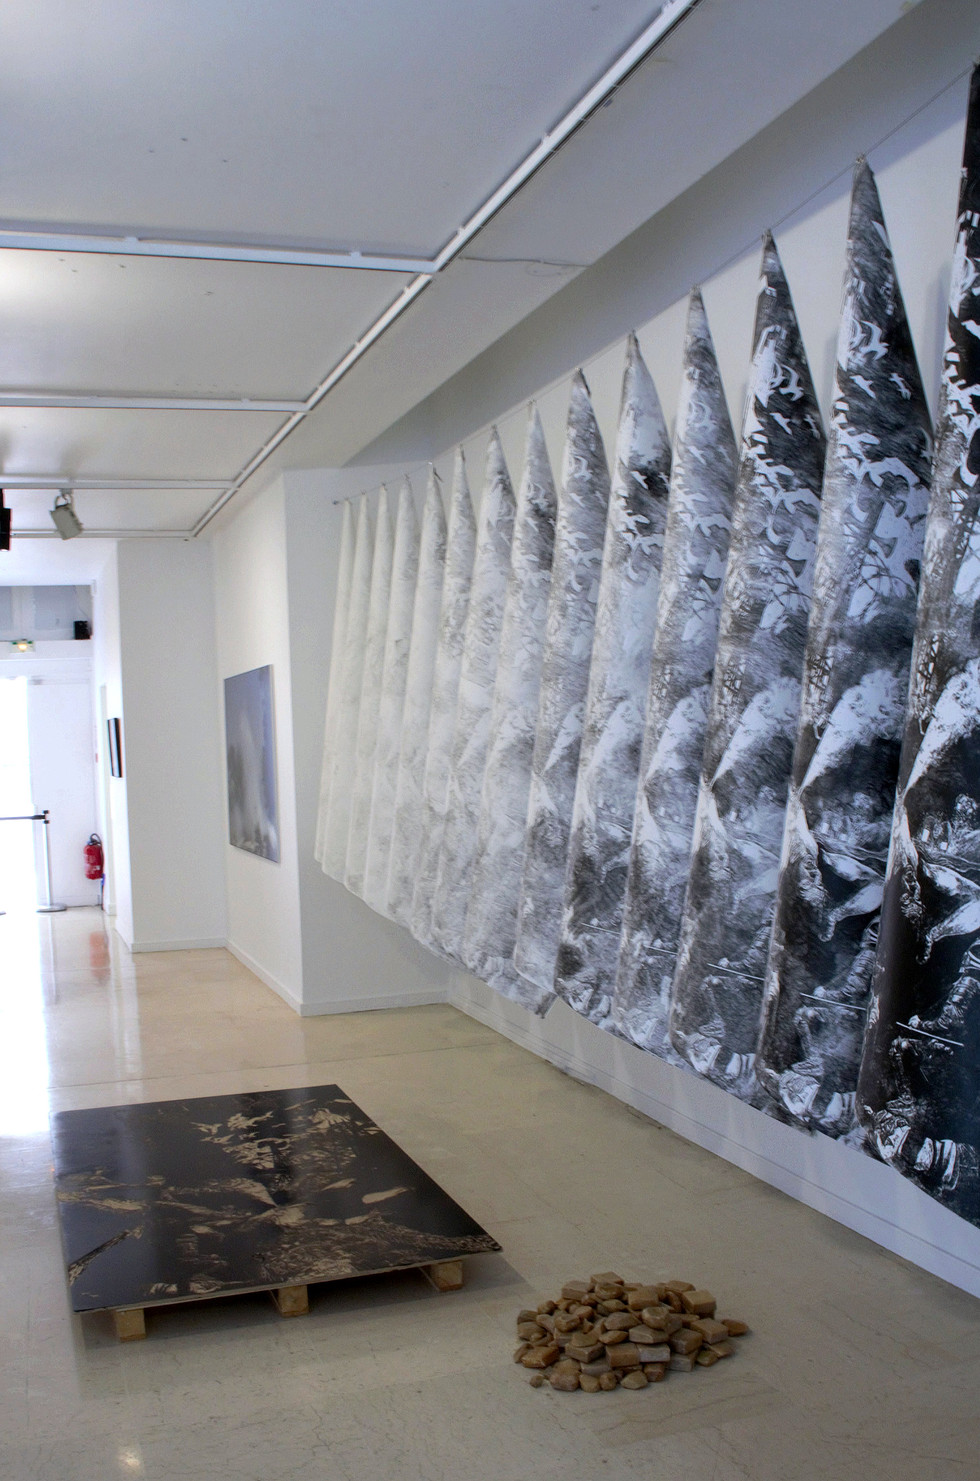 Lavandière de la nuit #3, installation performance, Centre Wallonie-Bruxelles, Paris, 2019